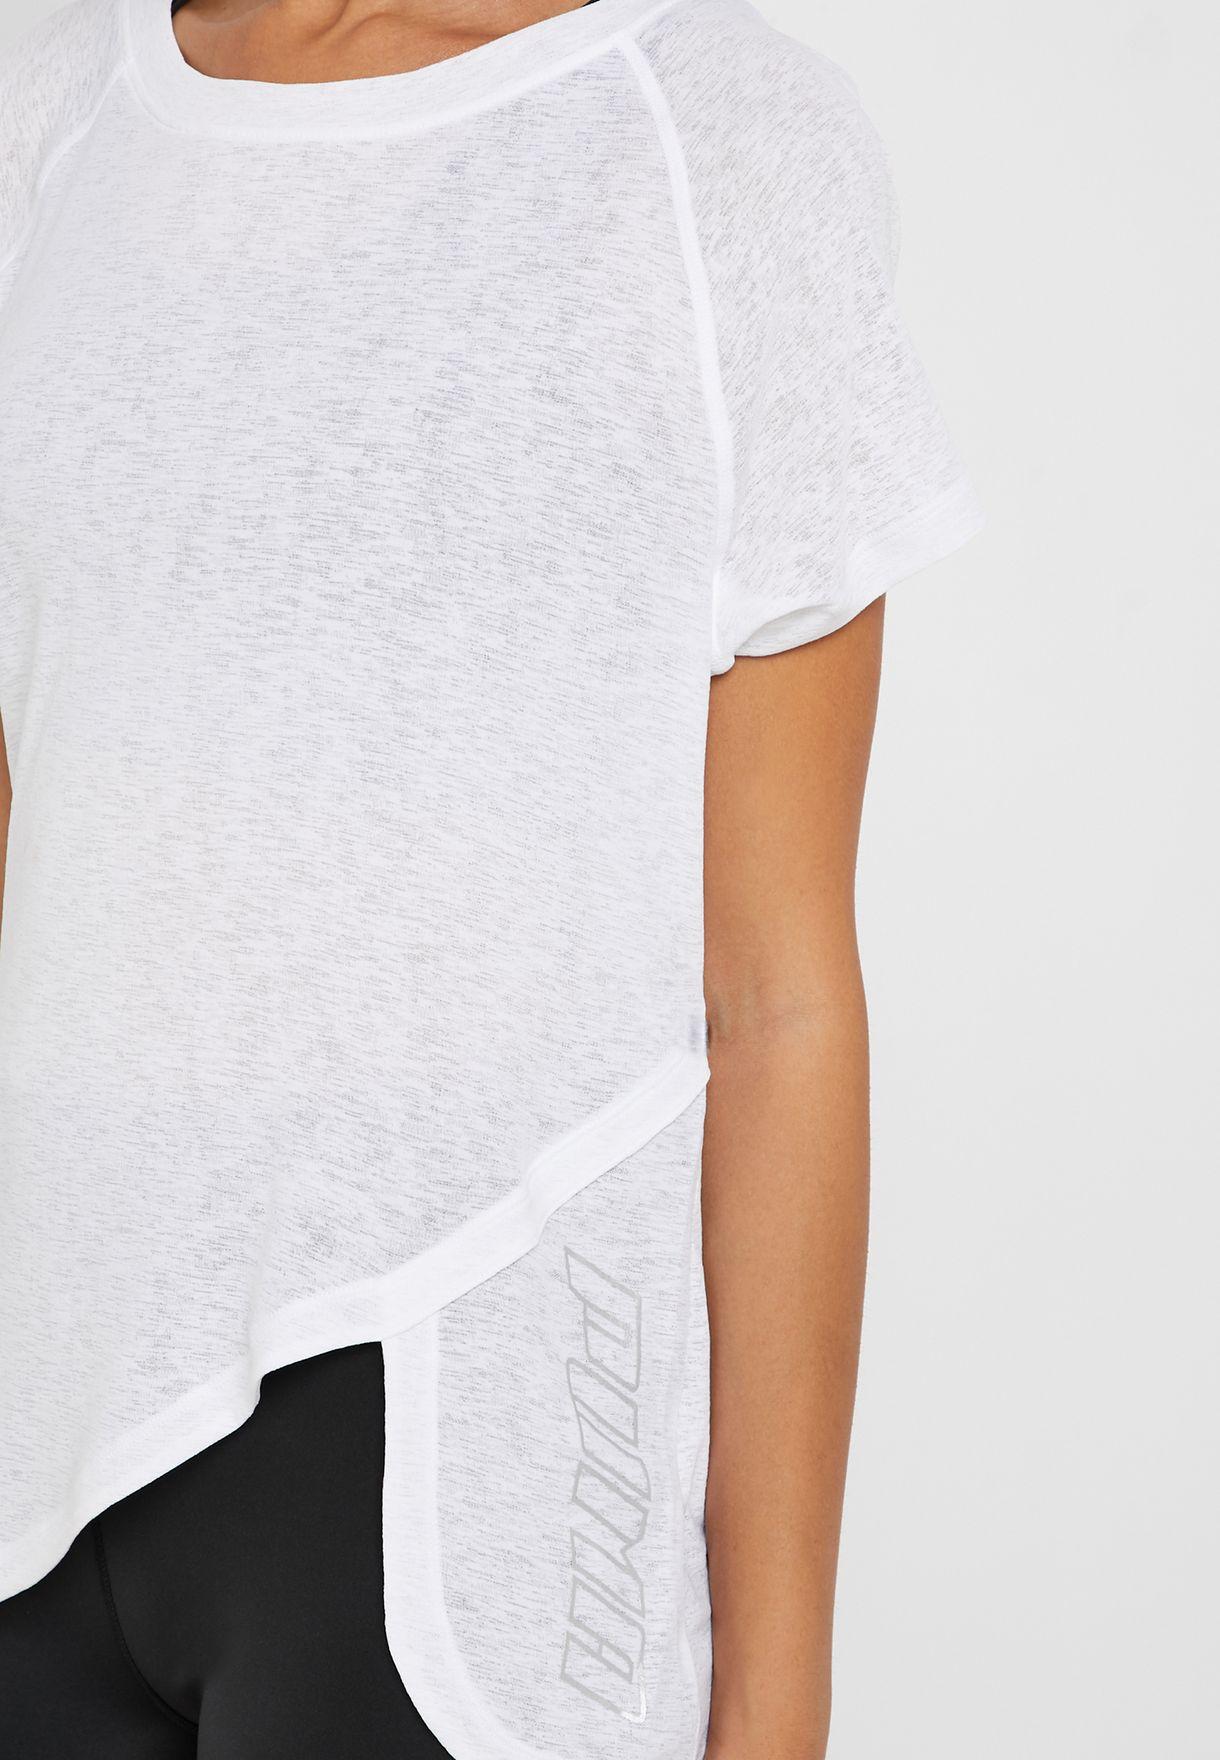 SpotLite T-Shirt